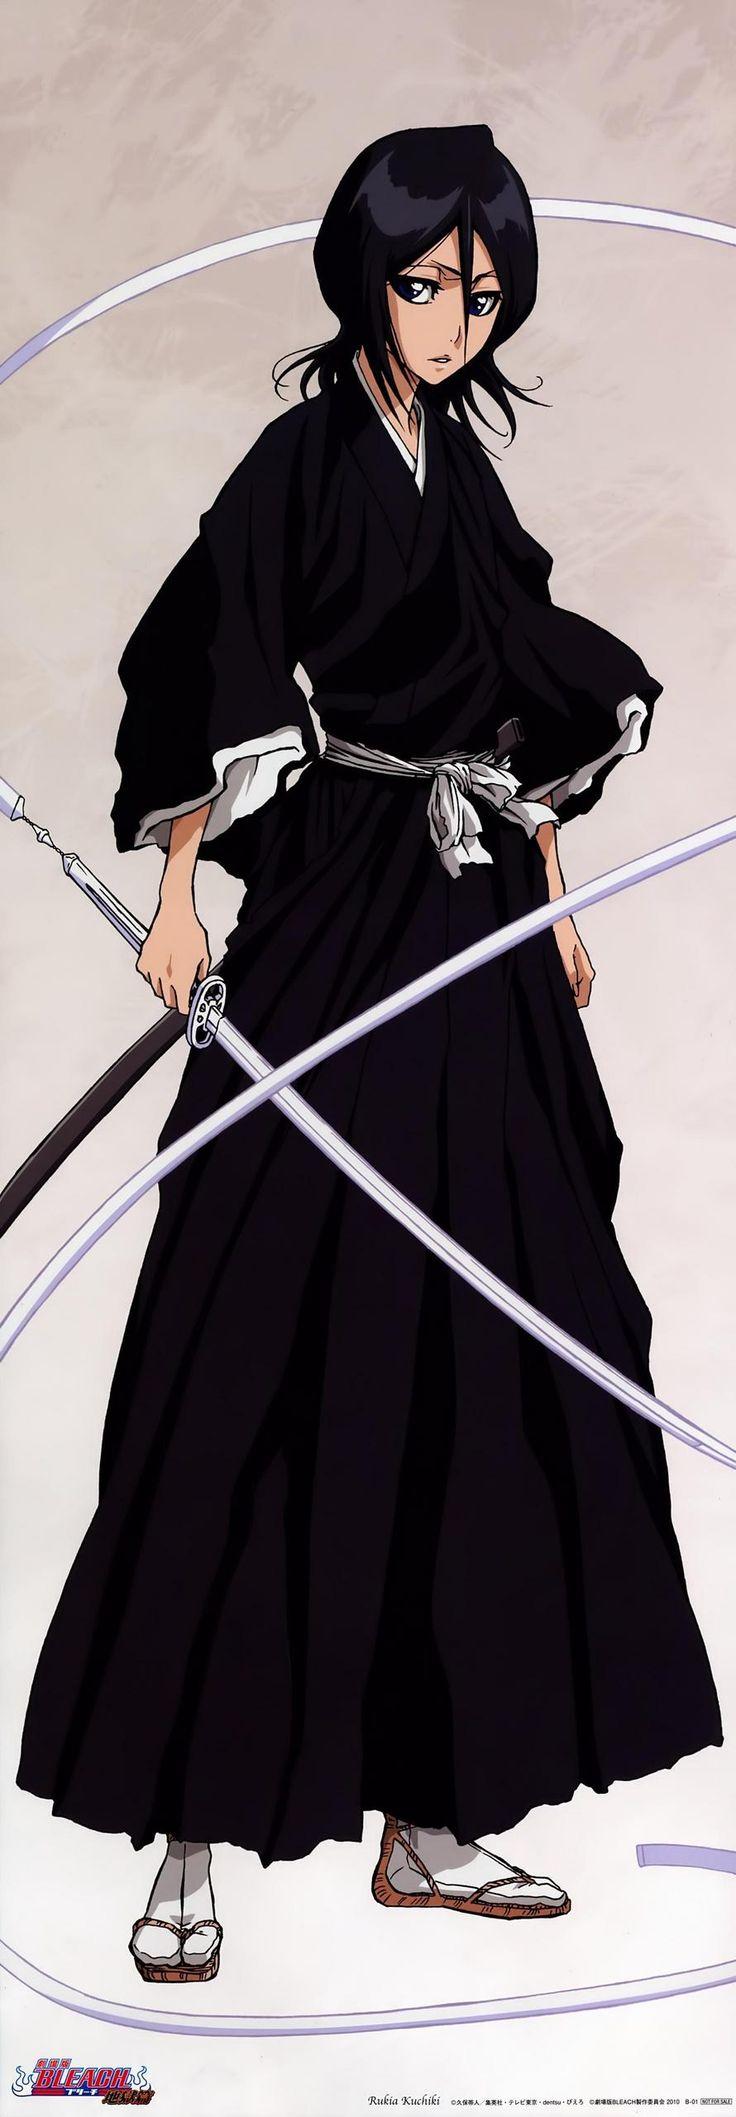 Rukia-bleach-anime-16691379-890-2560.jpg 890×2,560 pixels